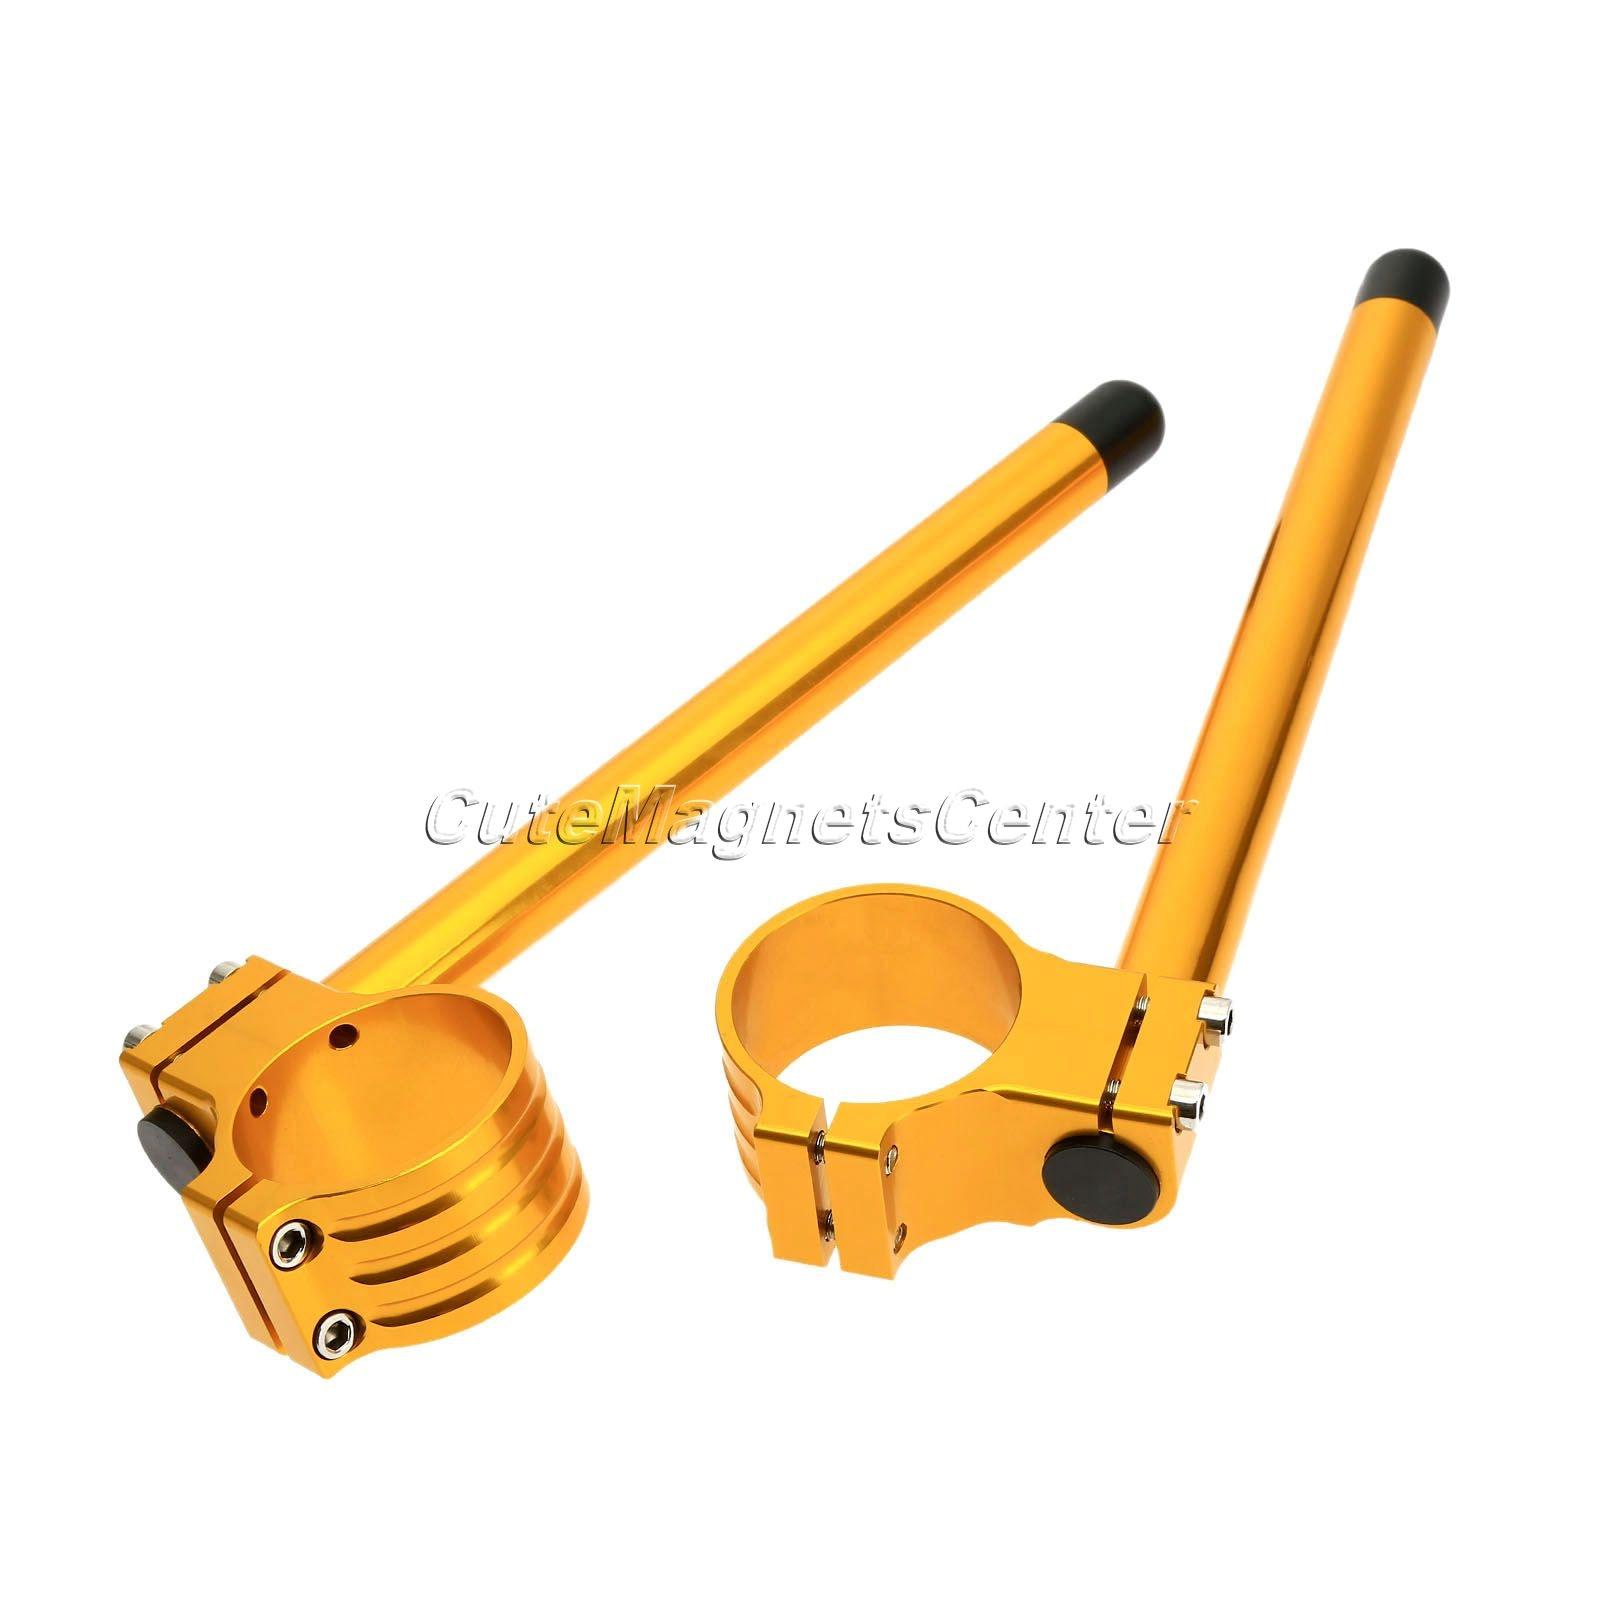 2pcs 36mm CNC Clip on Handlebars Fork Tube For Honda CBR600F 87-90 Gold